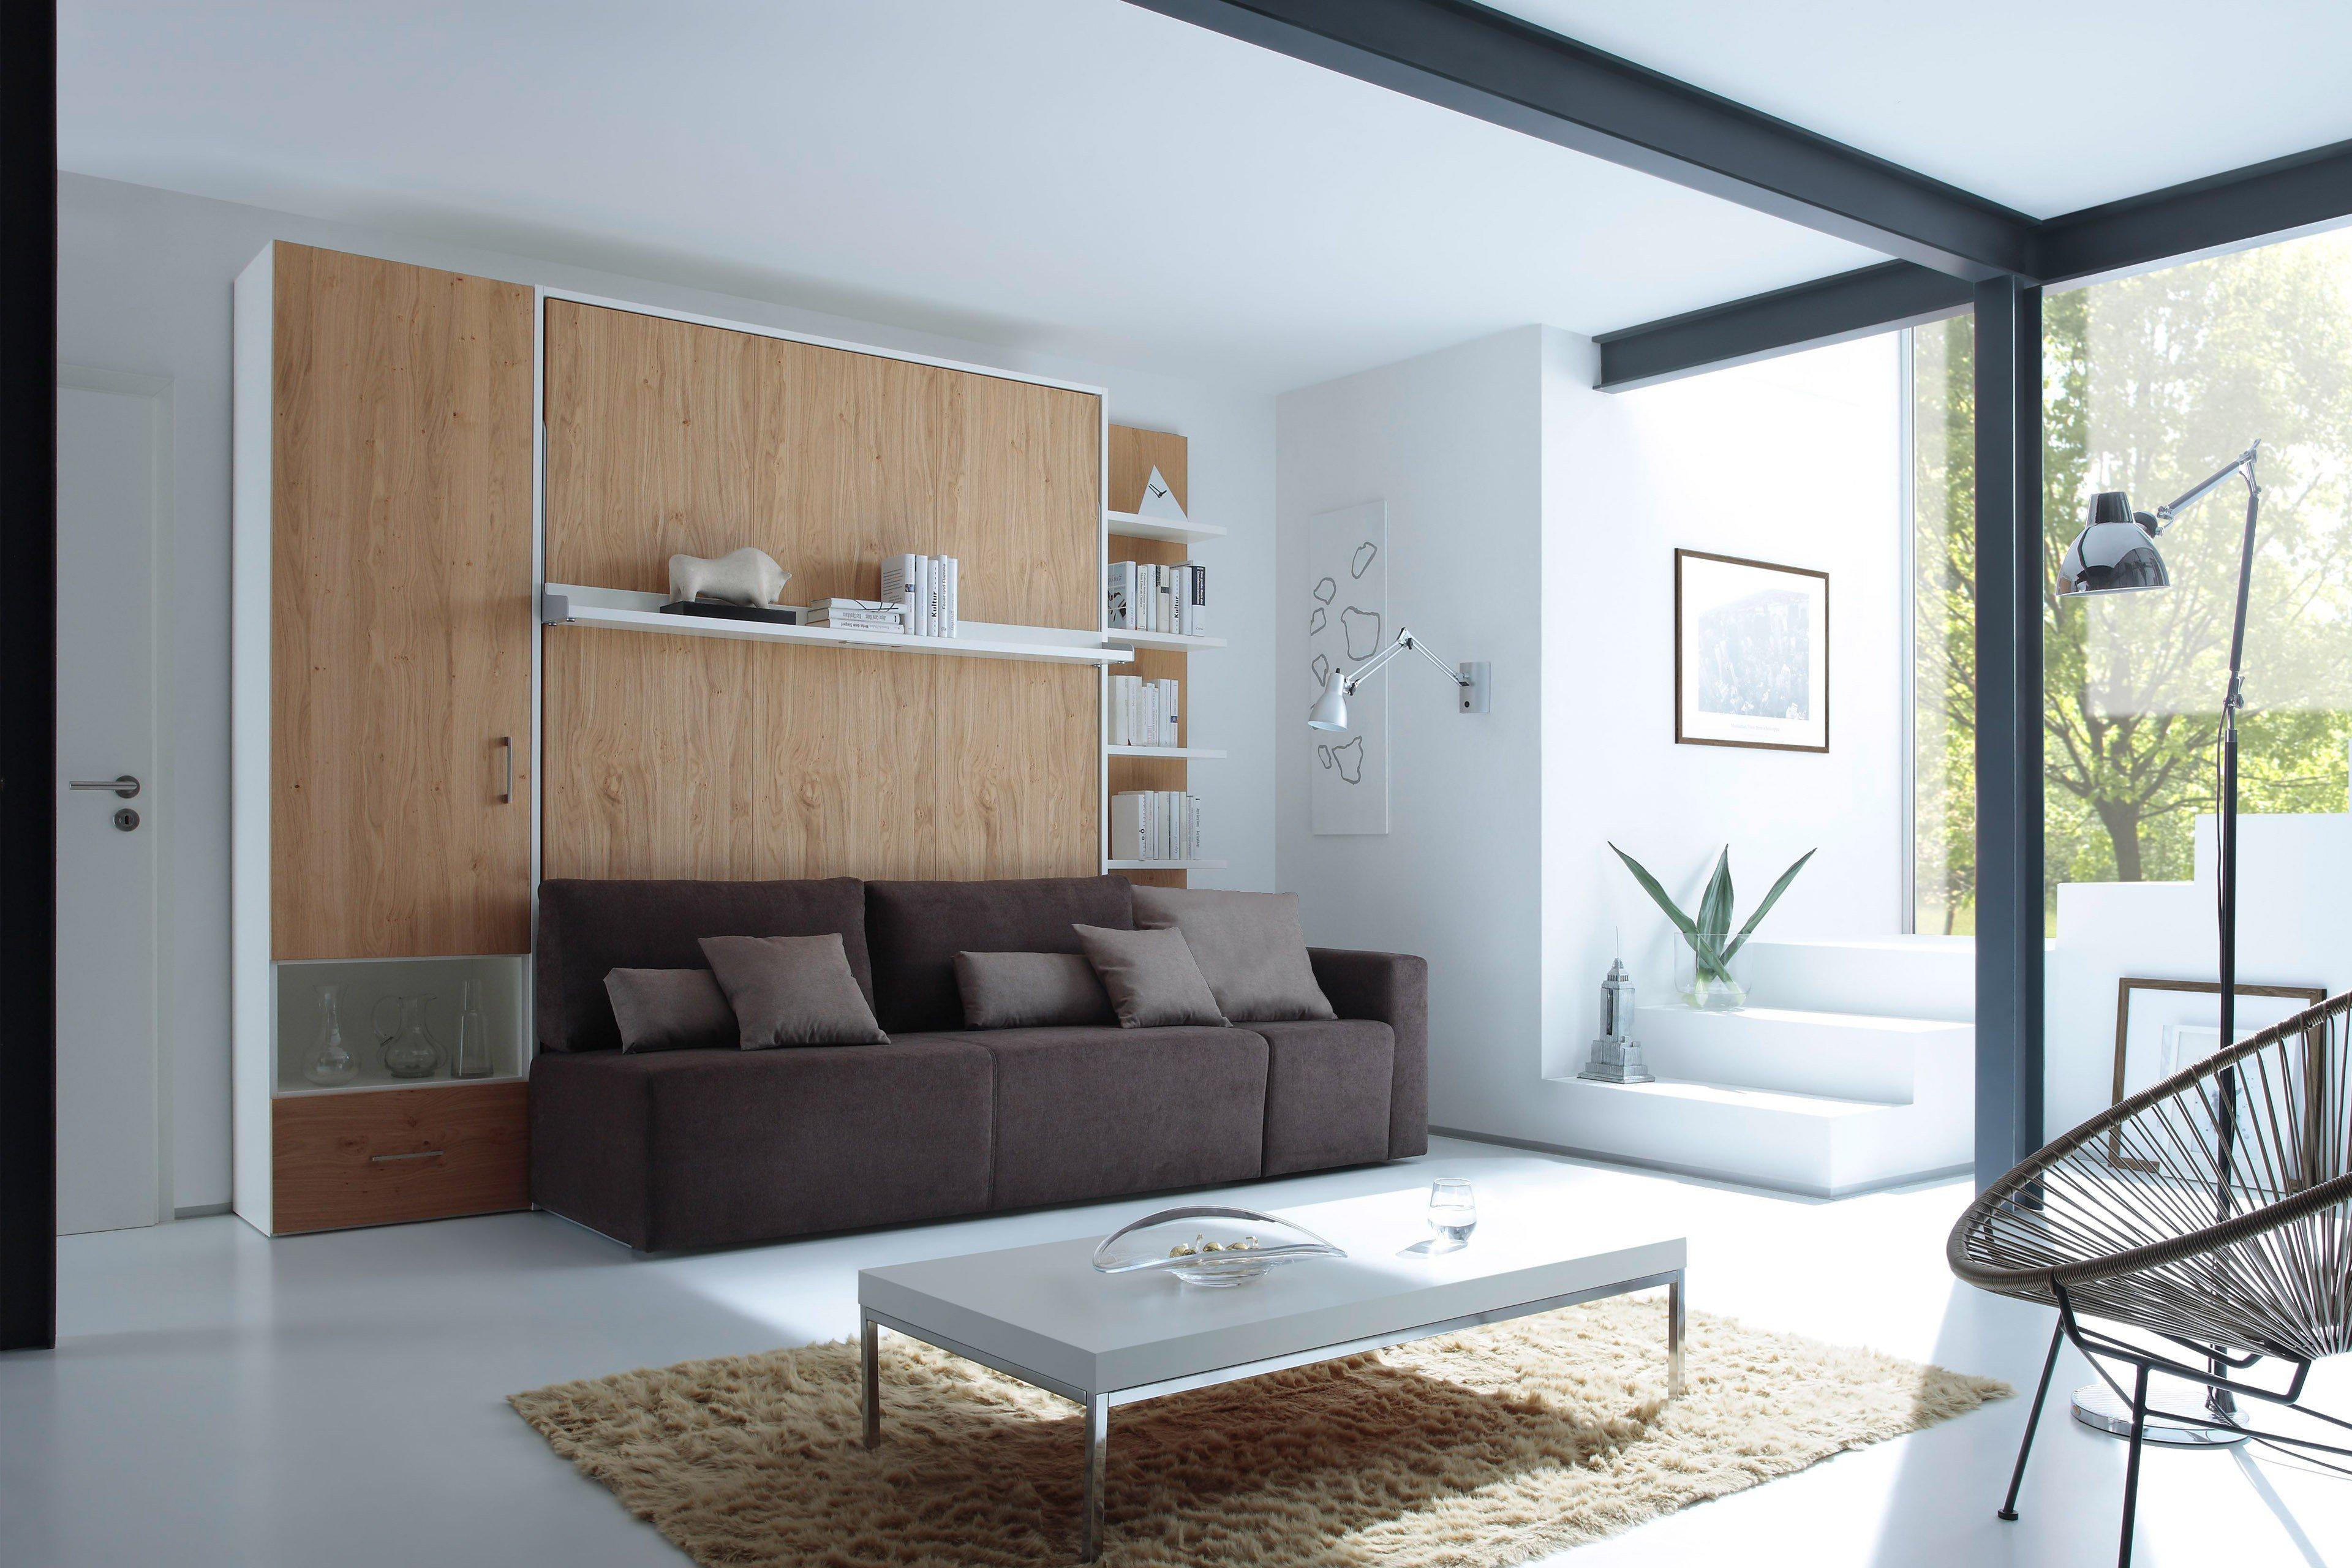 2weiraumwunder von nehl schrankbett inklusive lounge anbausofa